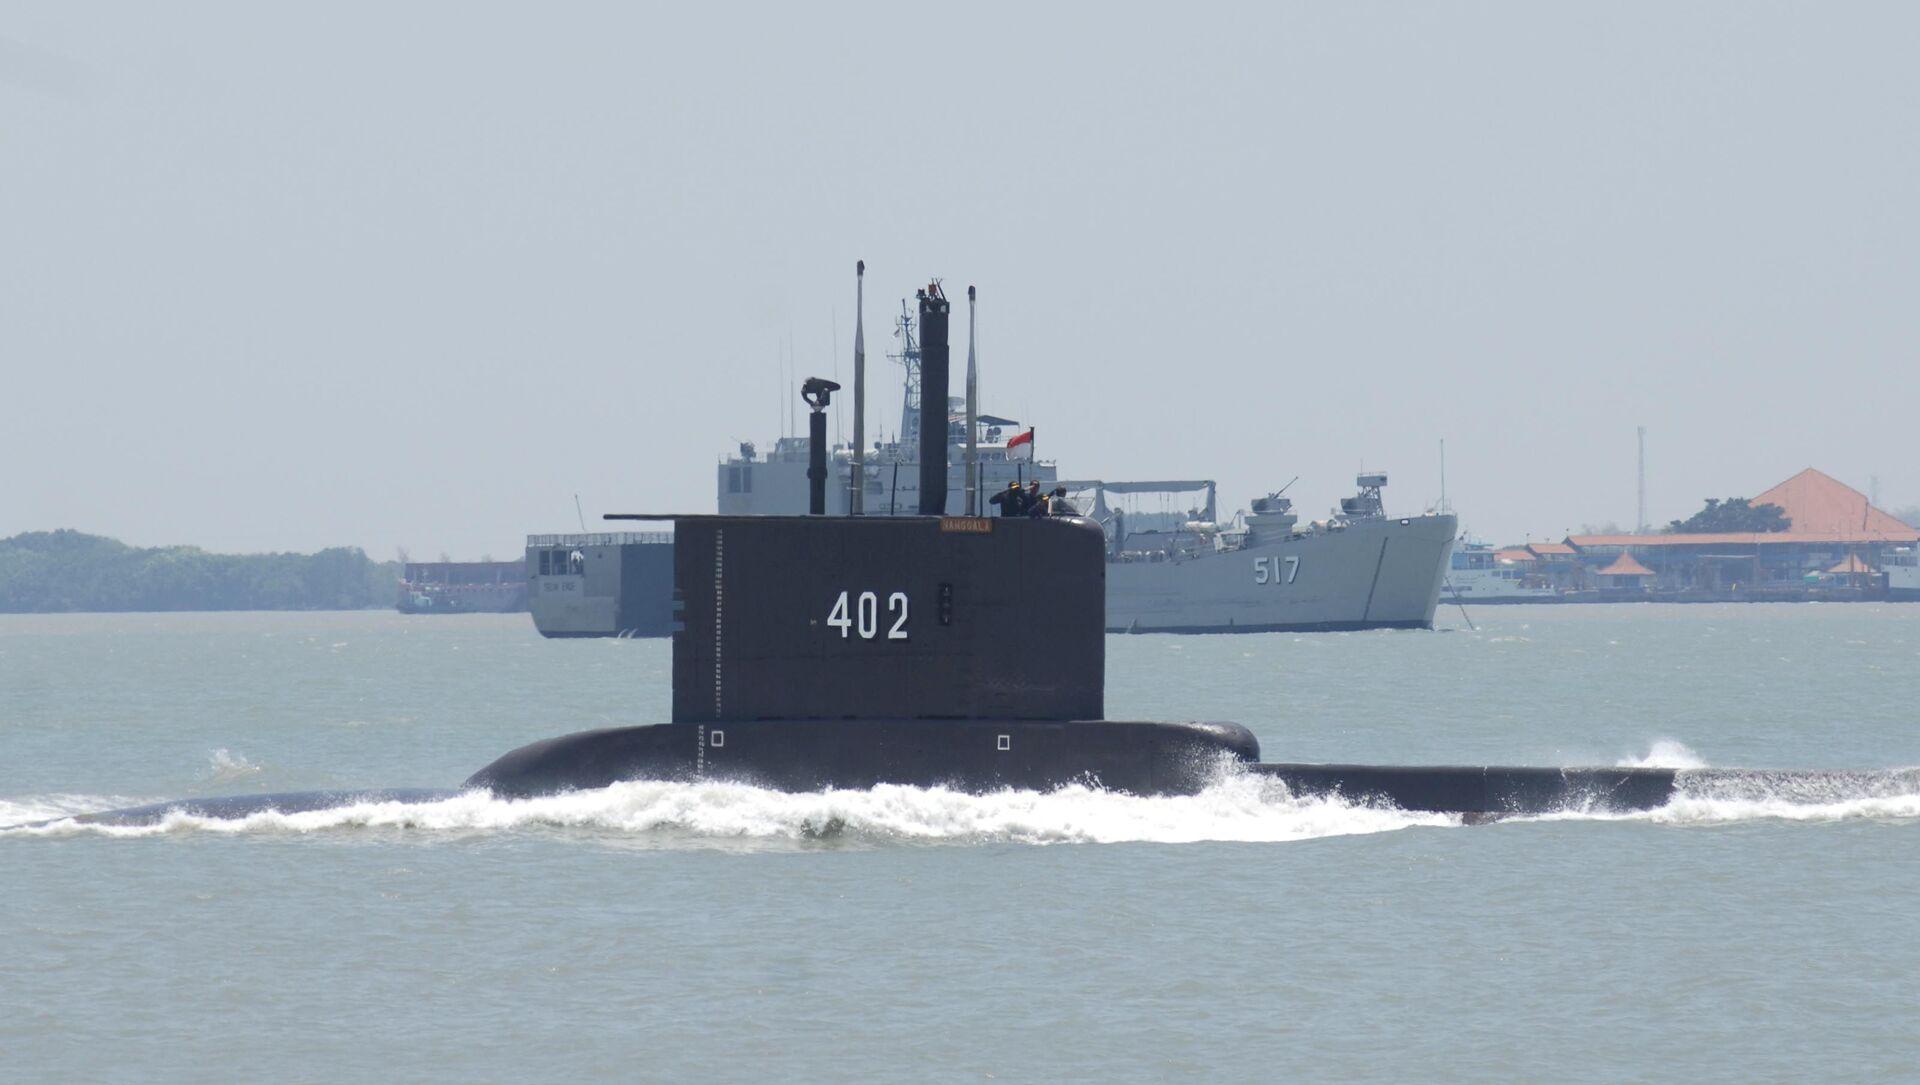 Tàu ngầm KRI Nanggala 402 của Indonesia. - Sputnik Việt Nam, 1920, 22.04.2021